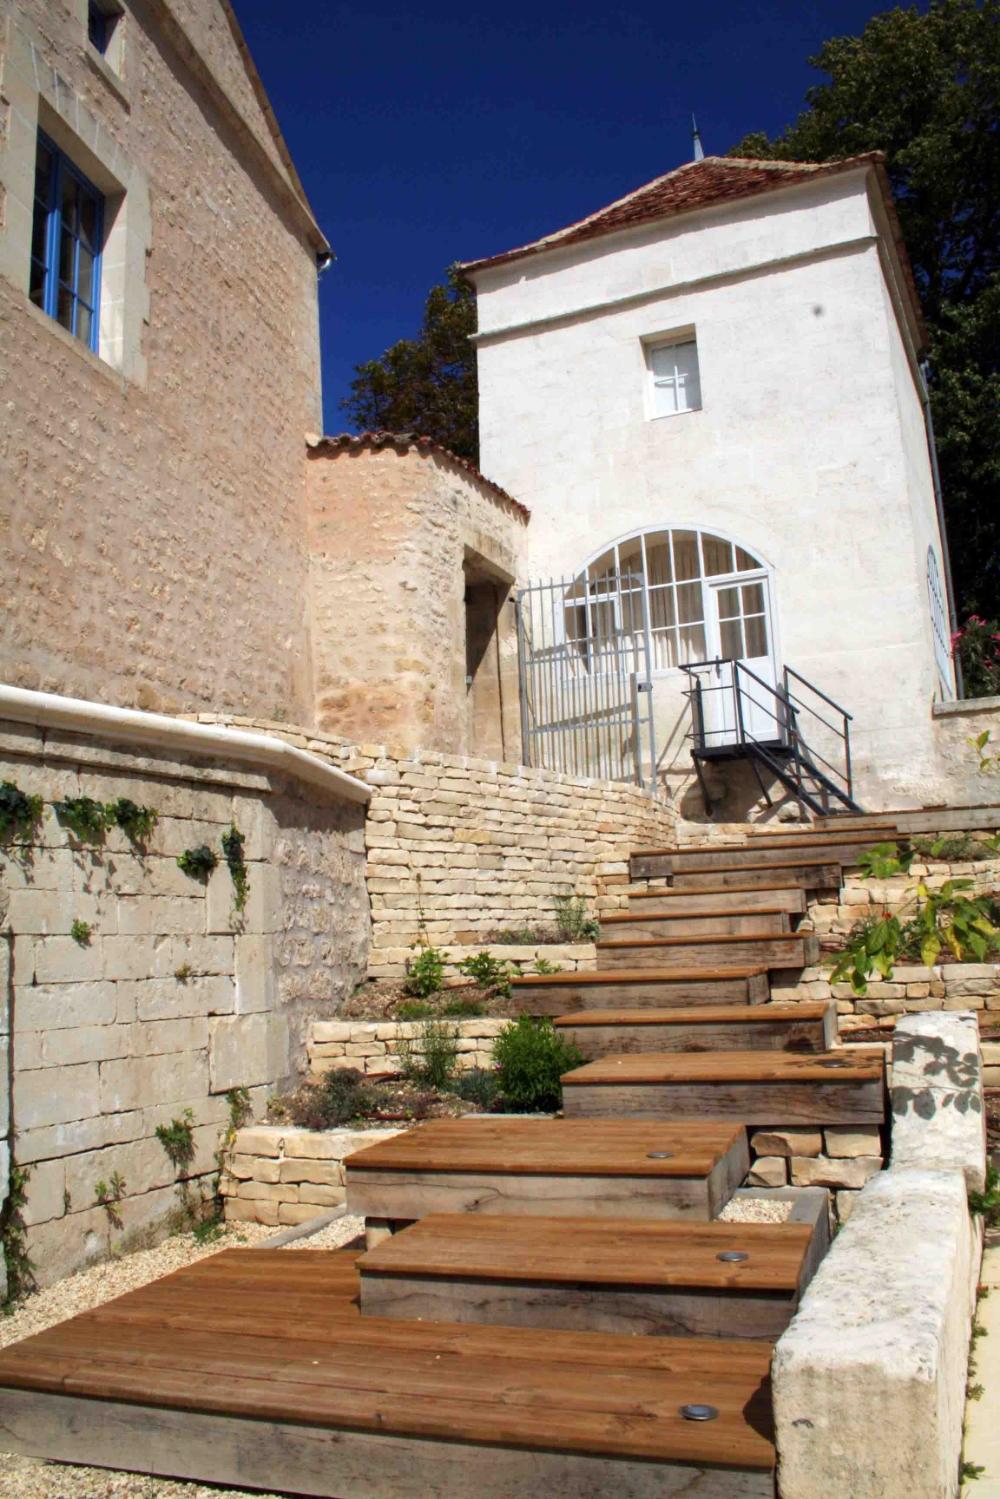 8. Escalier, Steps.jpg